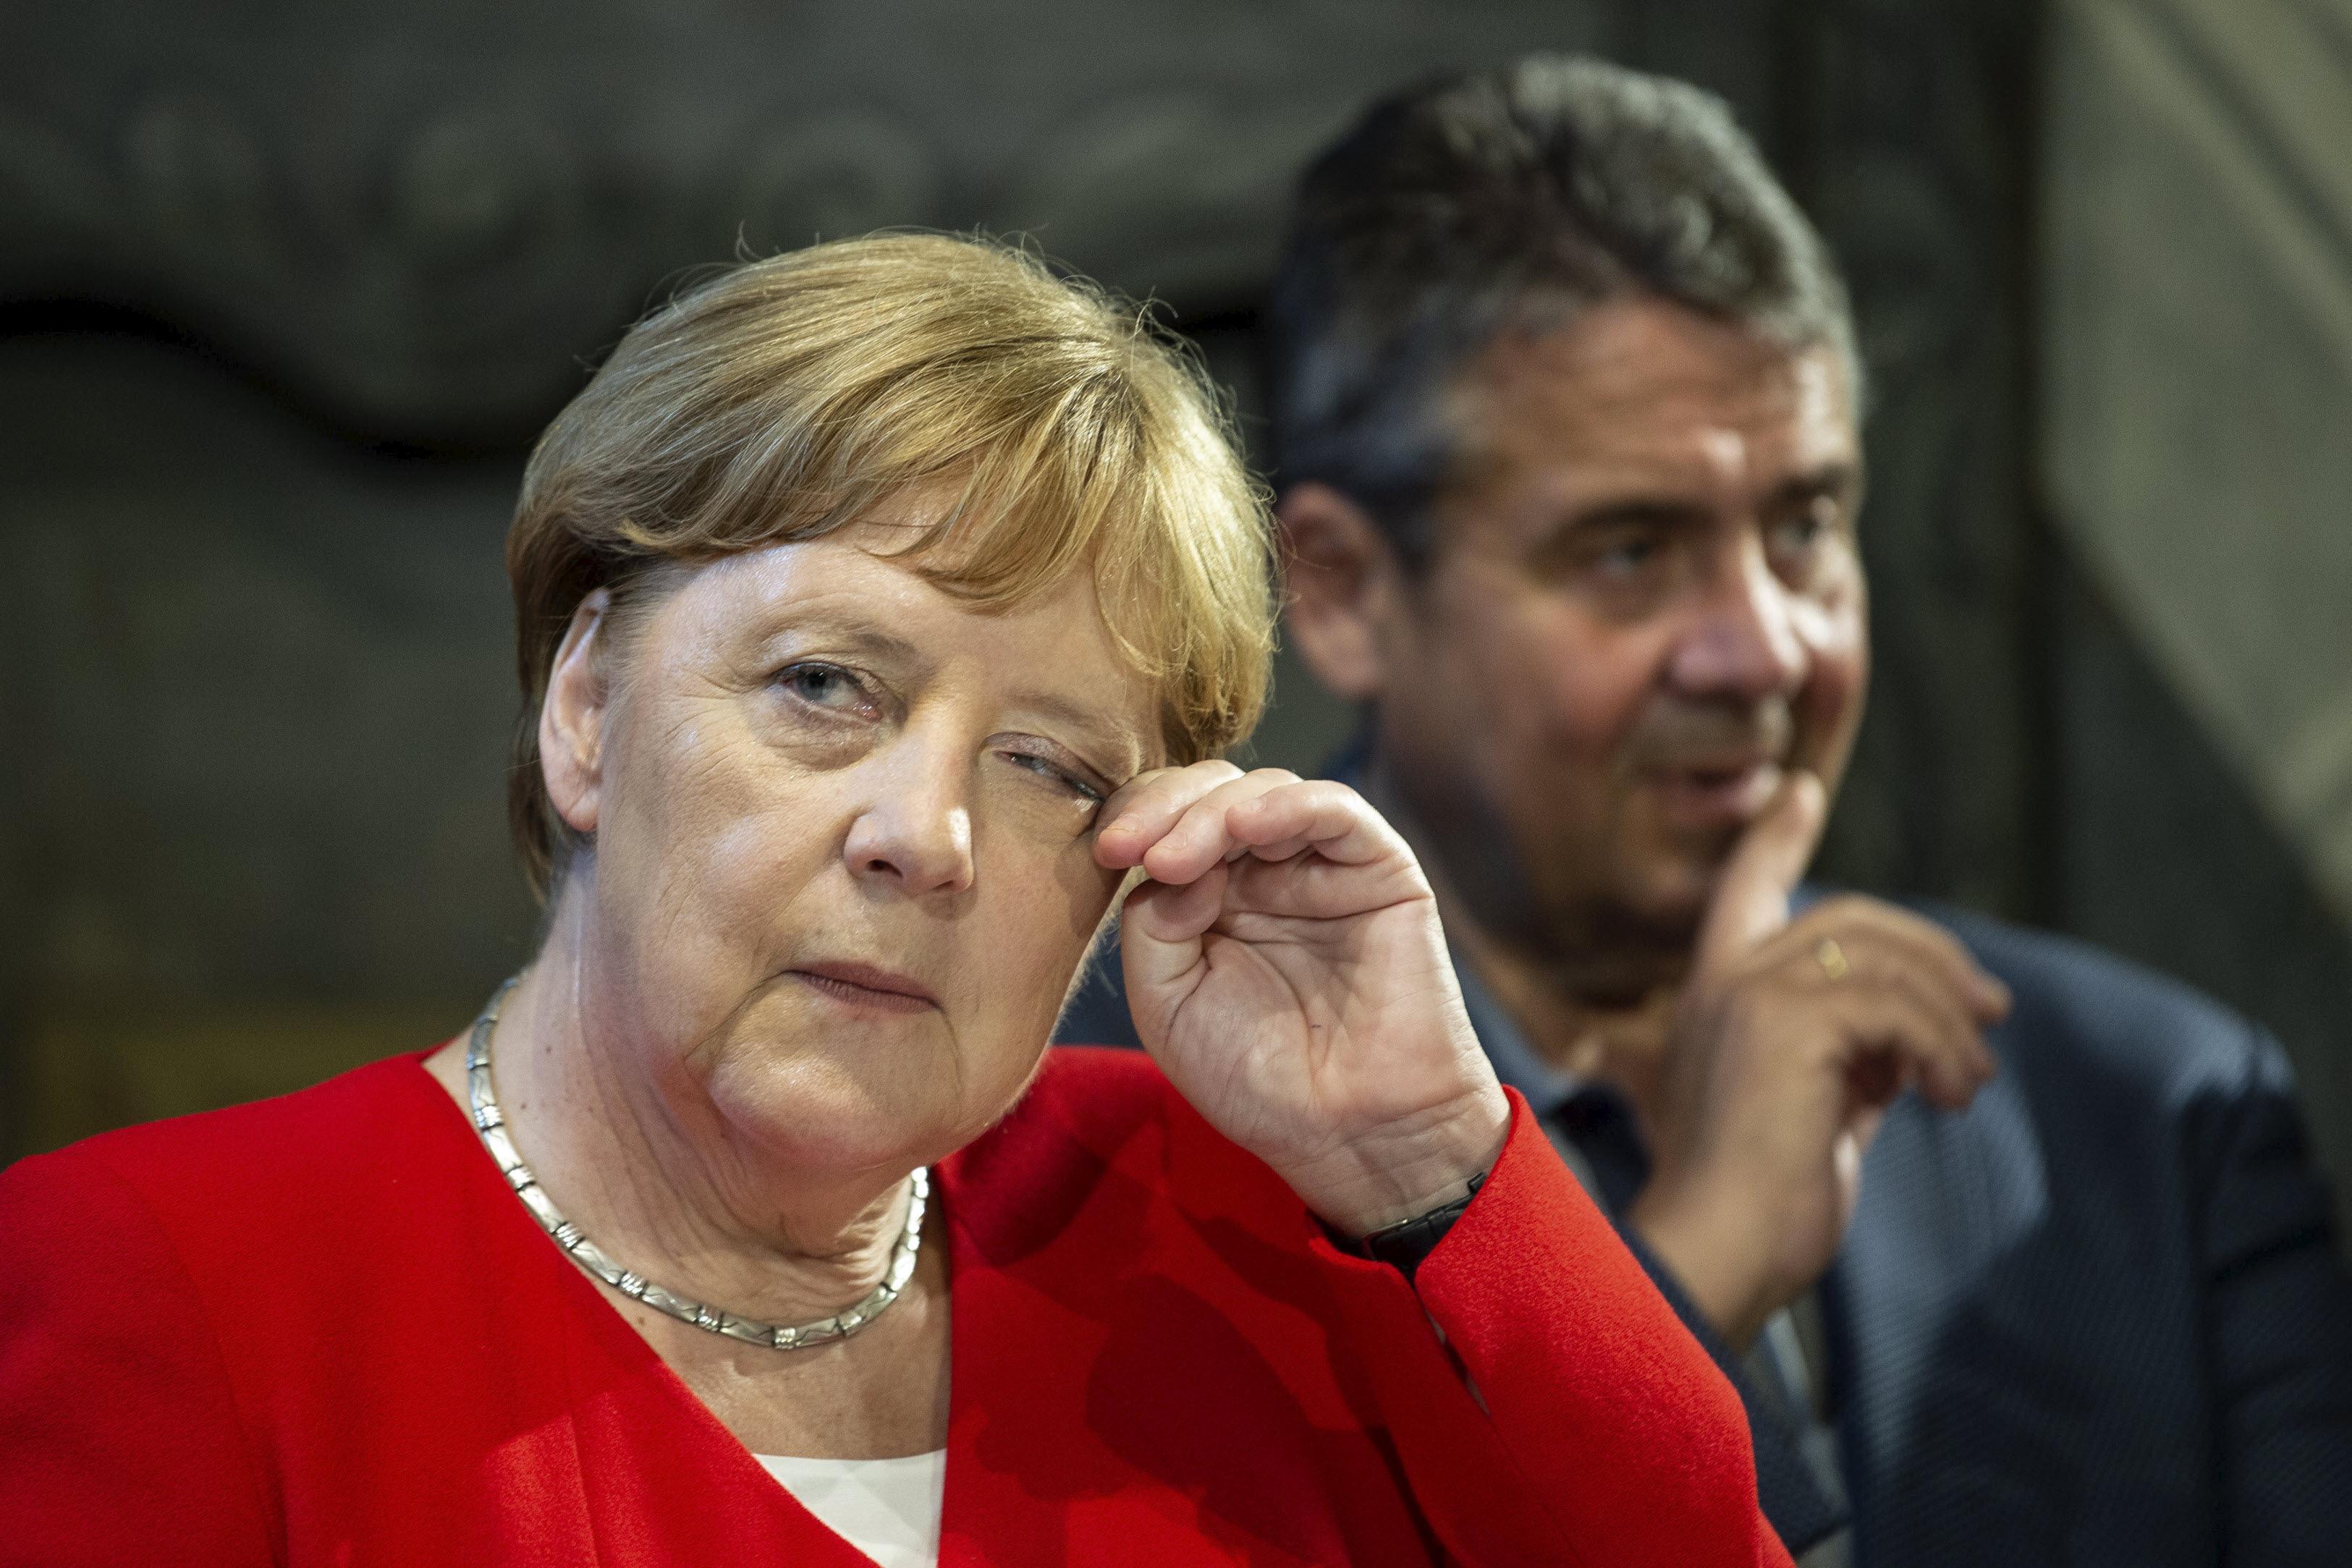 Merkel et le Smicallemand : de nombreux débats, des résultats mitigés